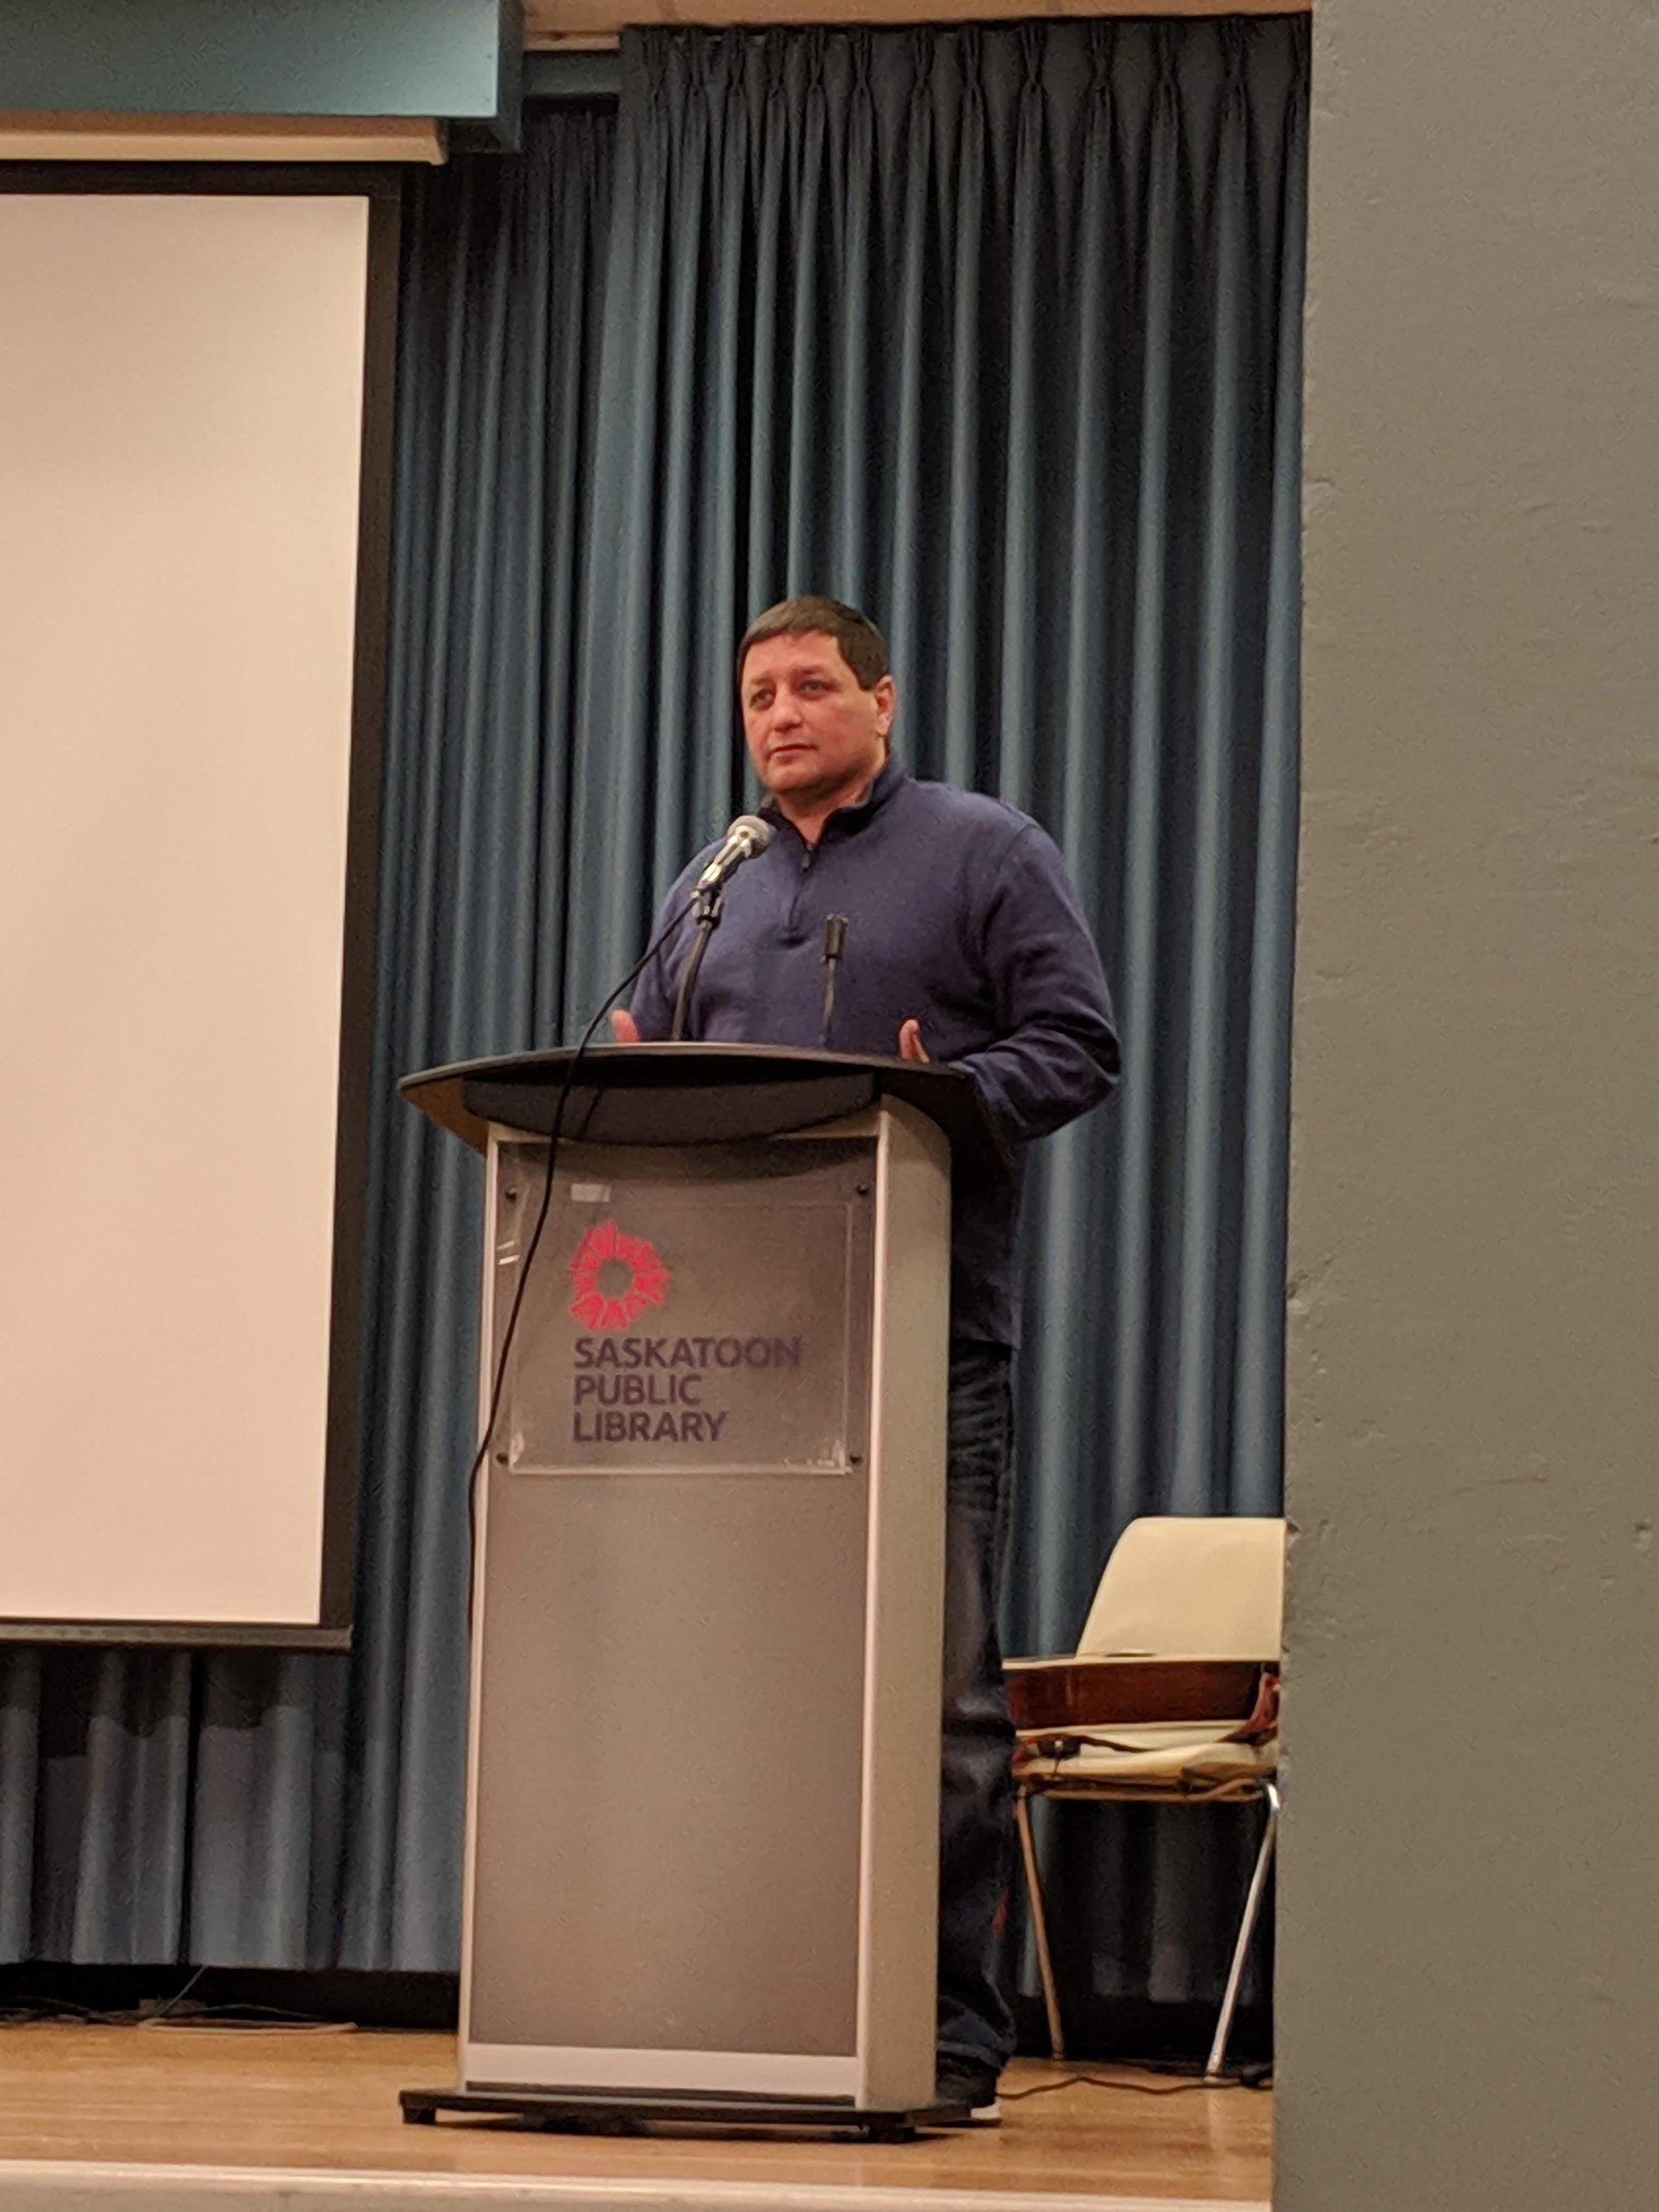 Saskatoon Tribal Council Chief, Mark Archand